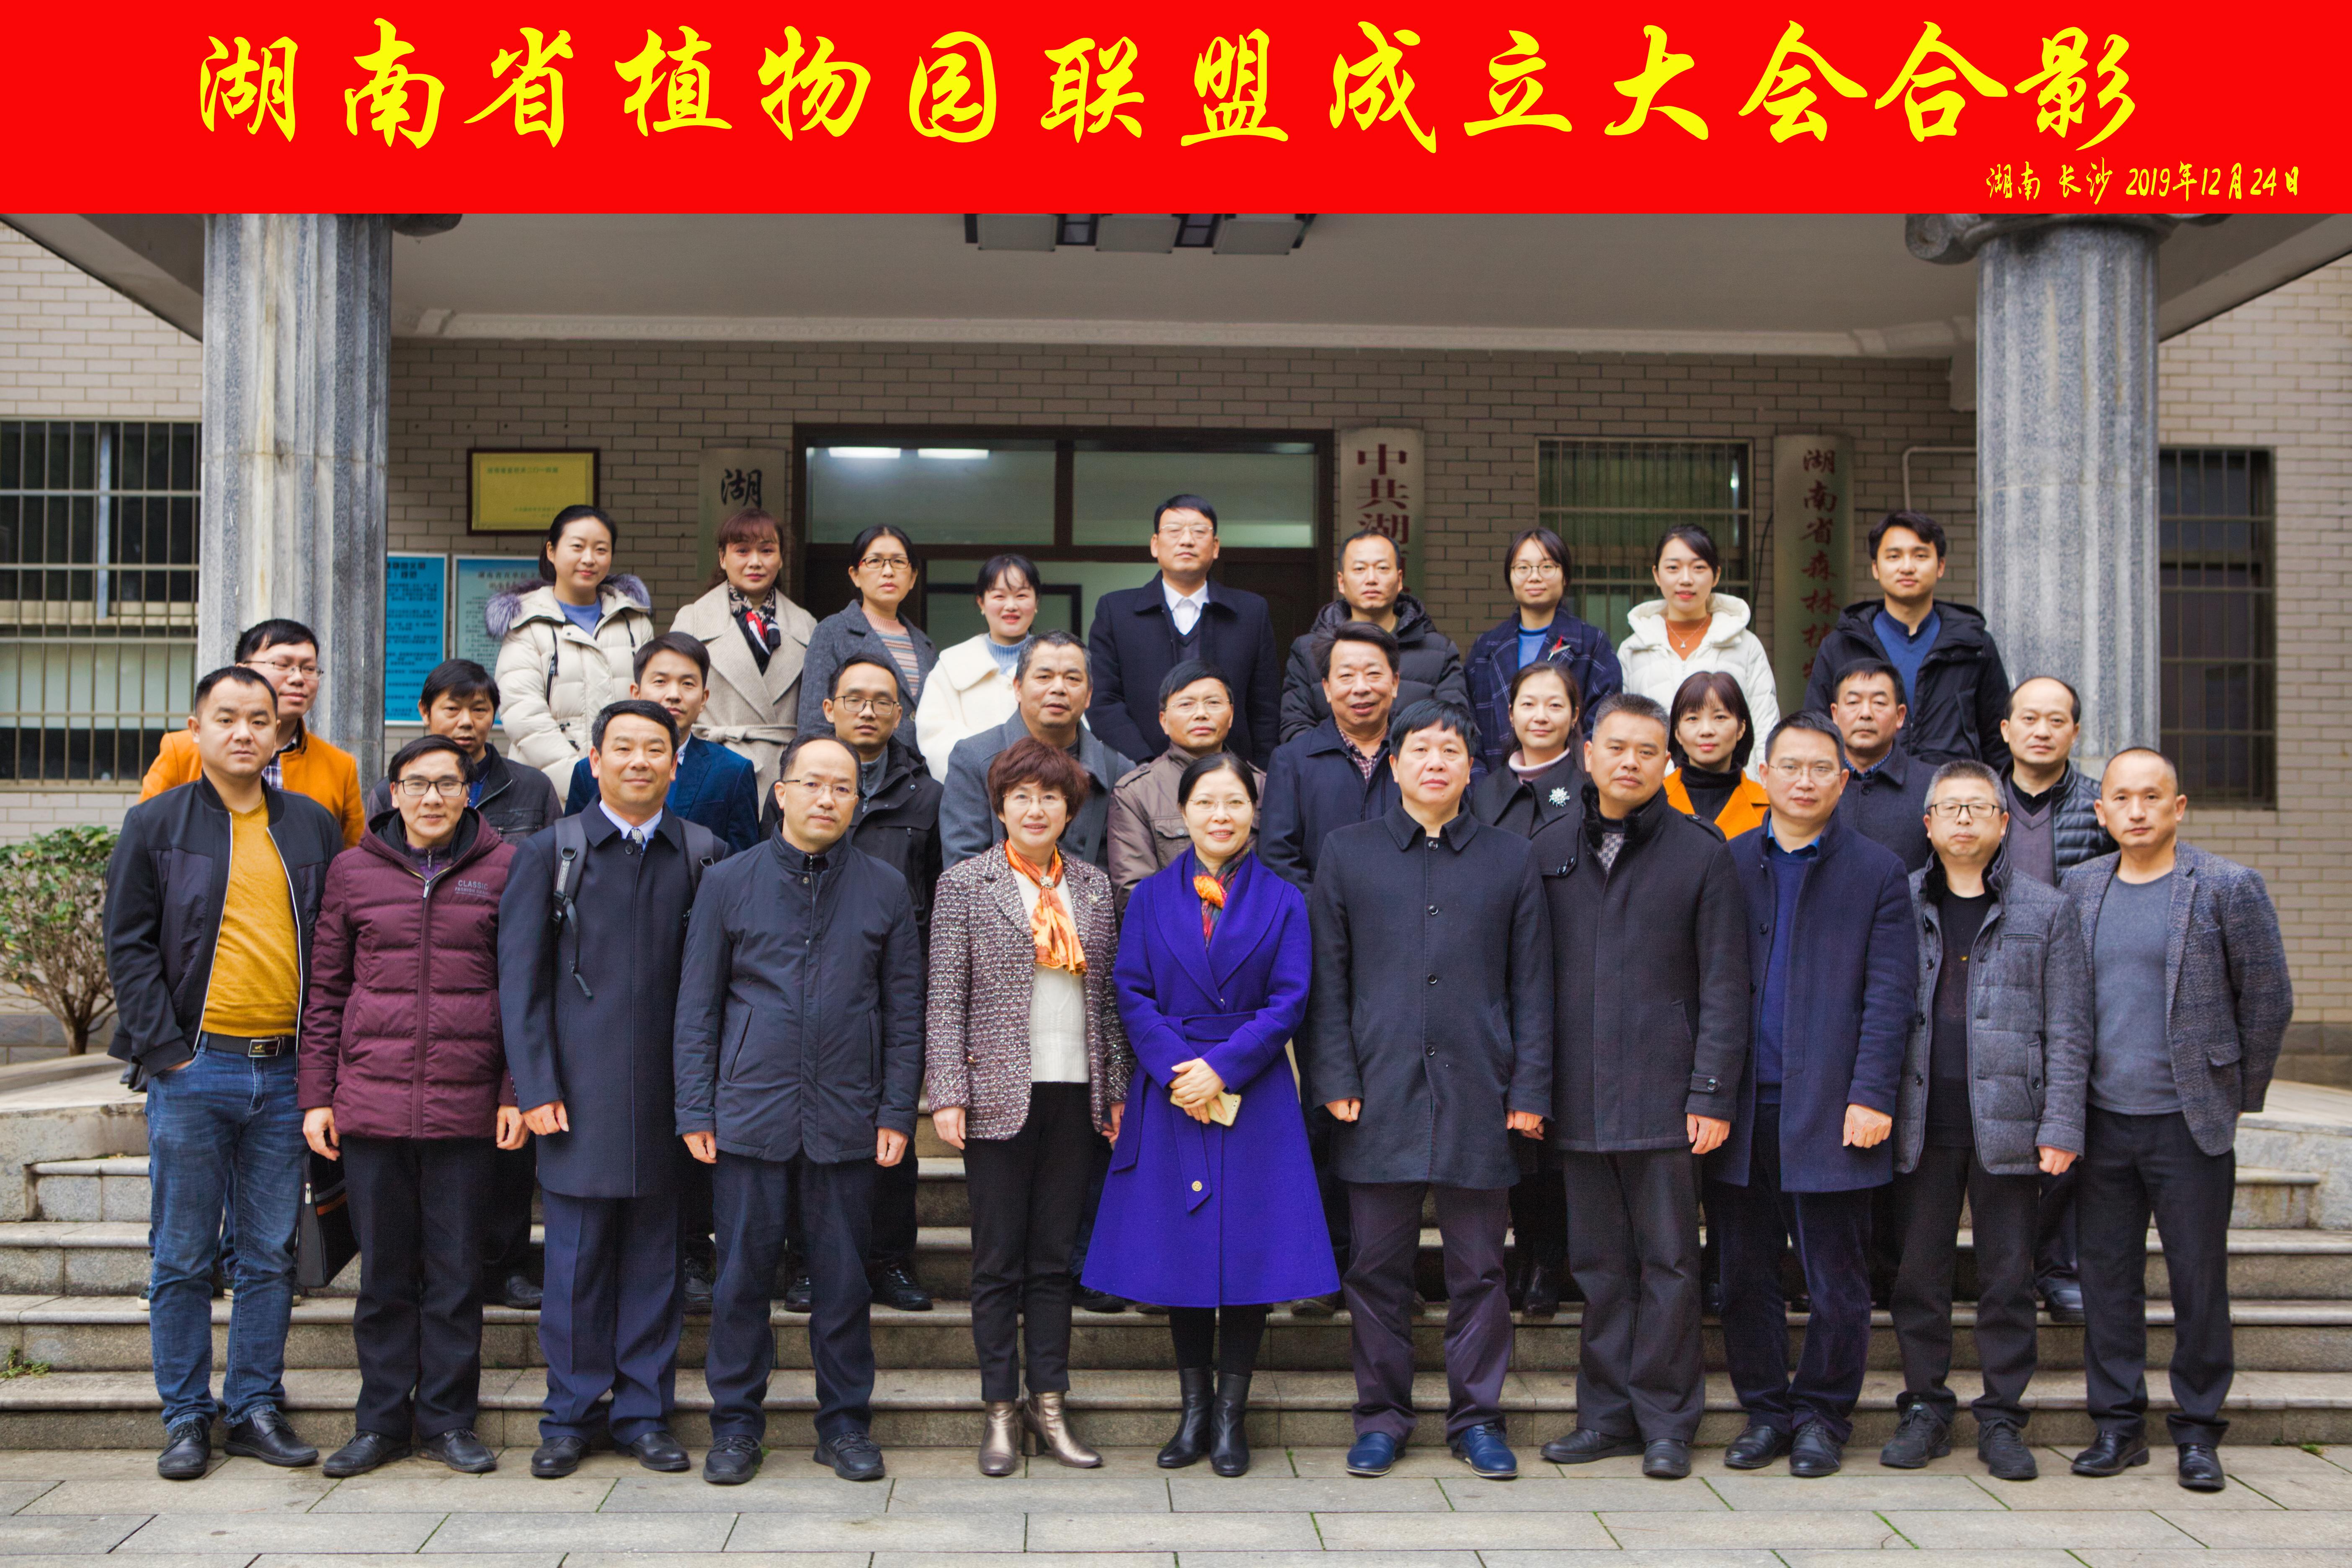 湖南省植物园联盟成立大会暨第一次会员代表大会在长沙举行